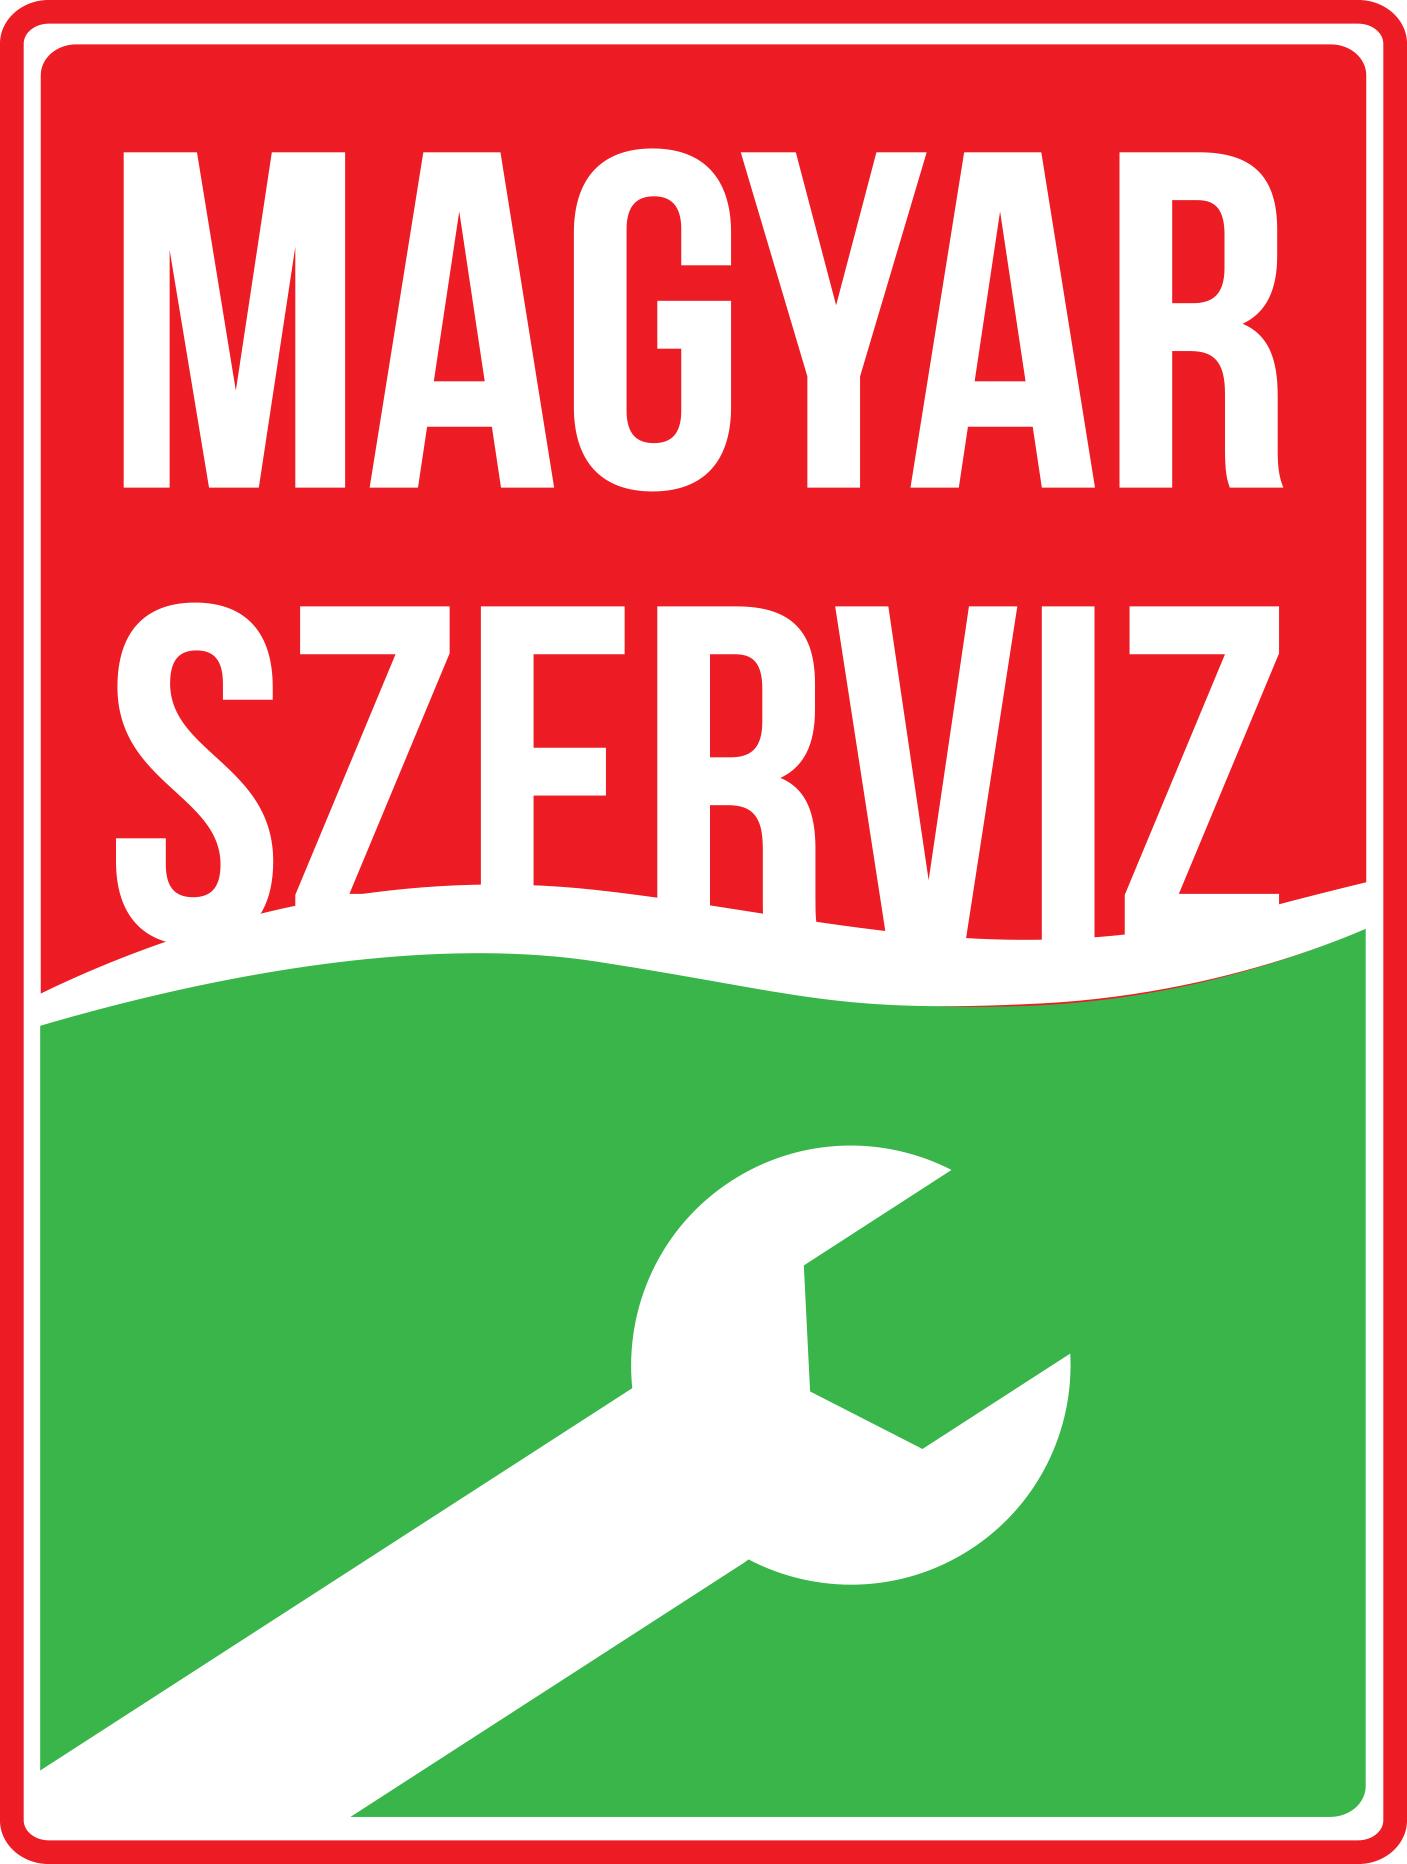 magyar szerviz logo